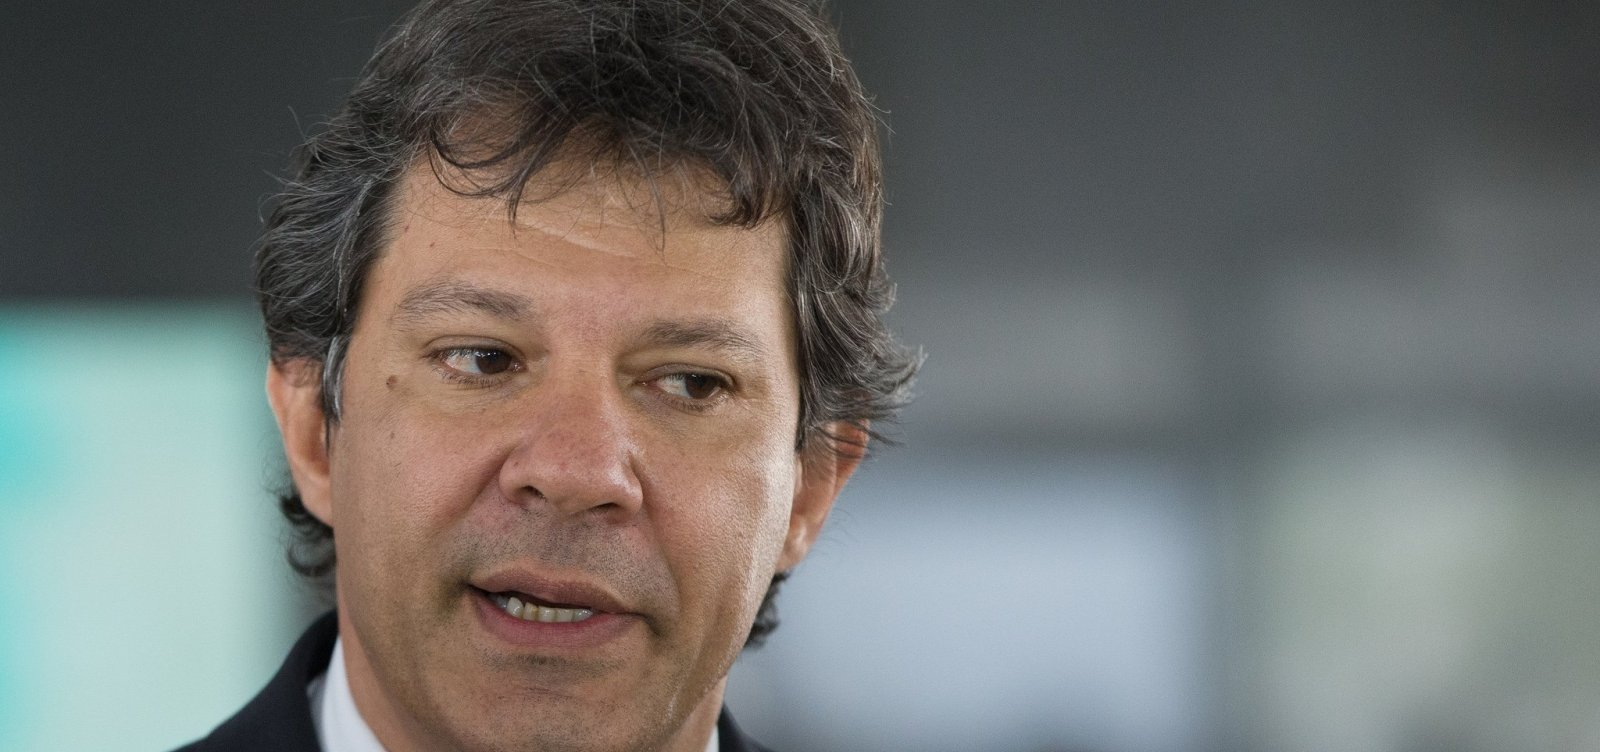 Haddad é condenado a pagar R$ 200 mil a promotor por acusações não comprovadas